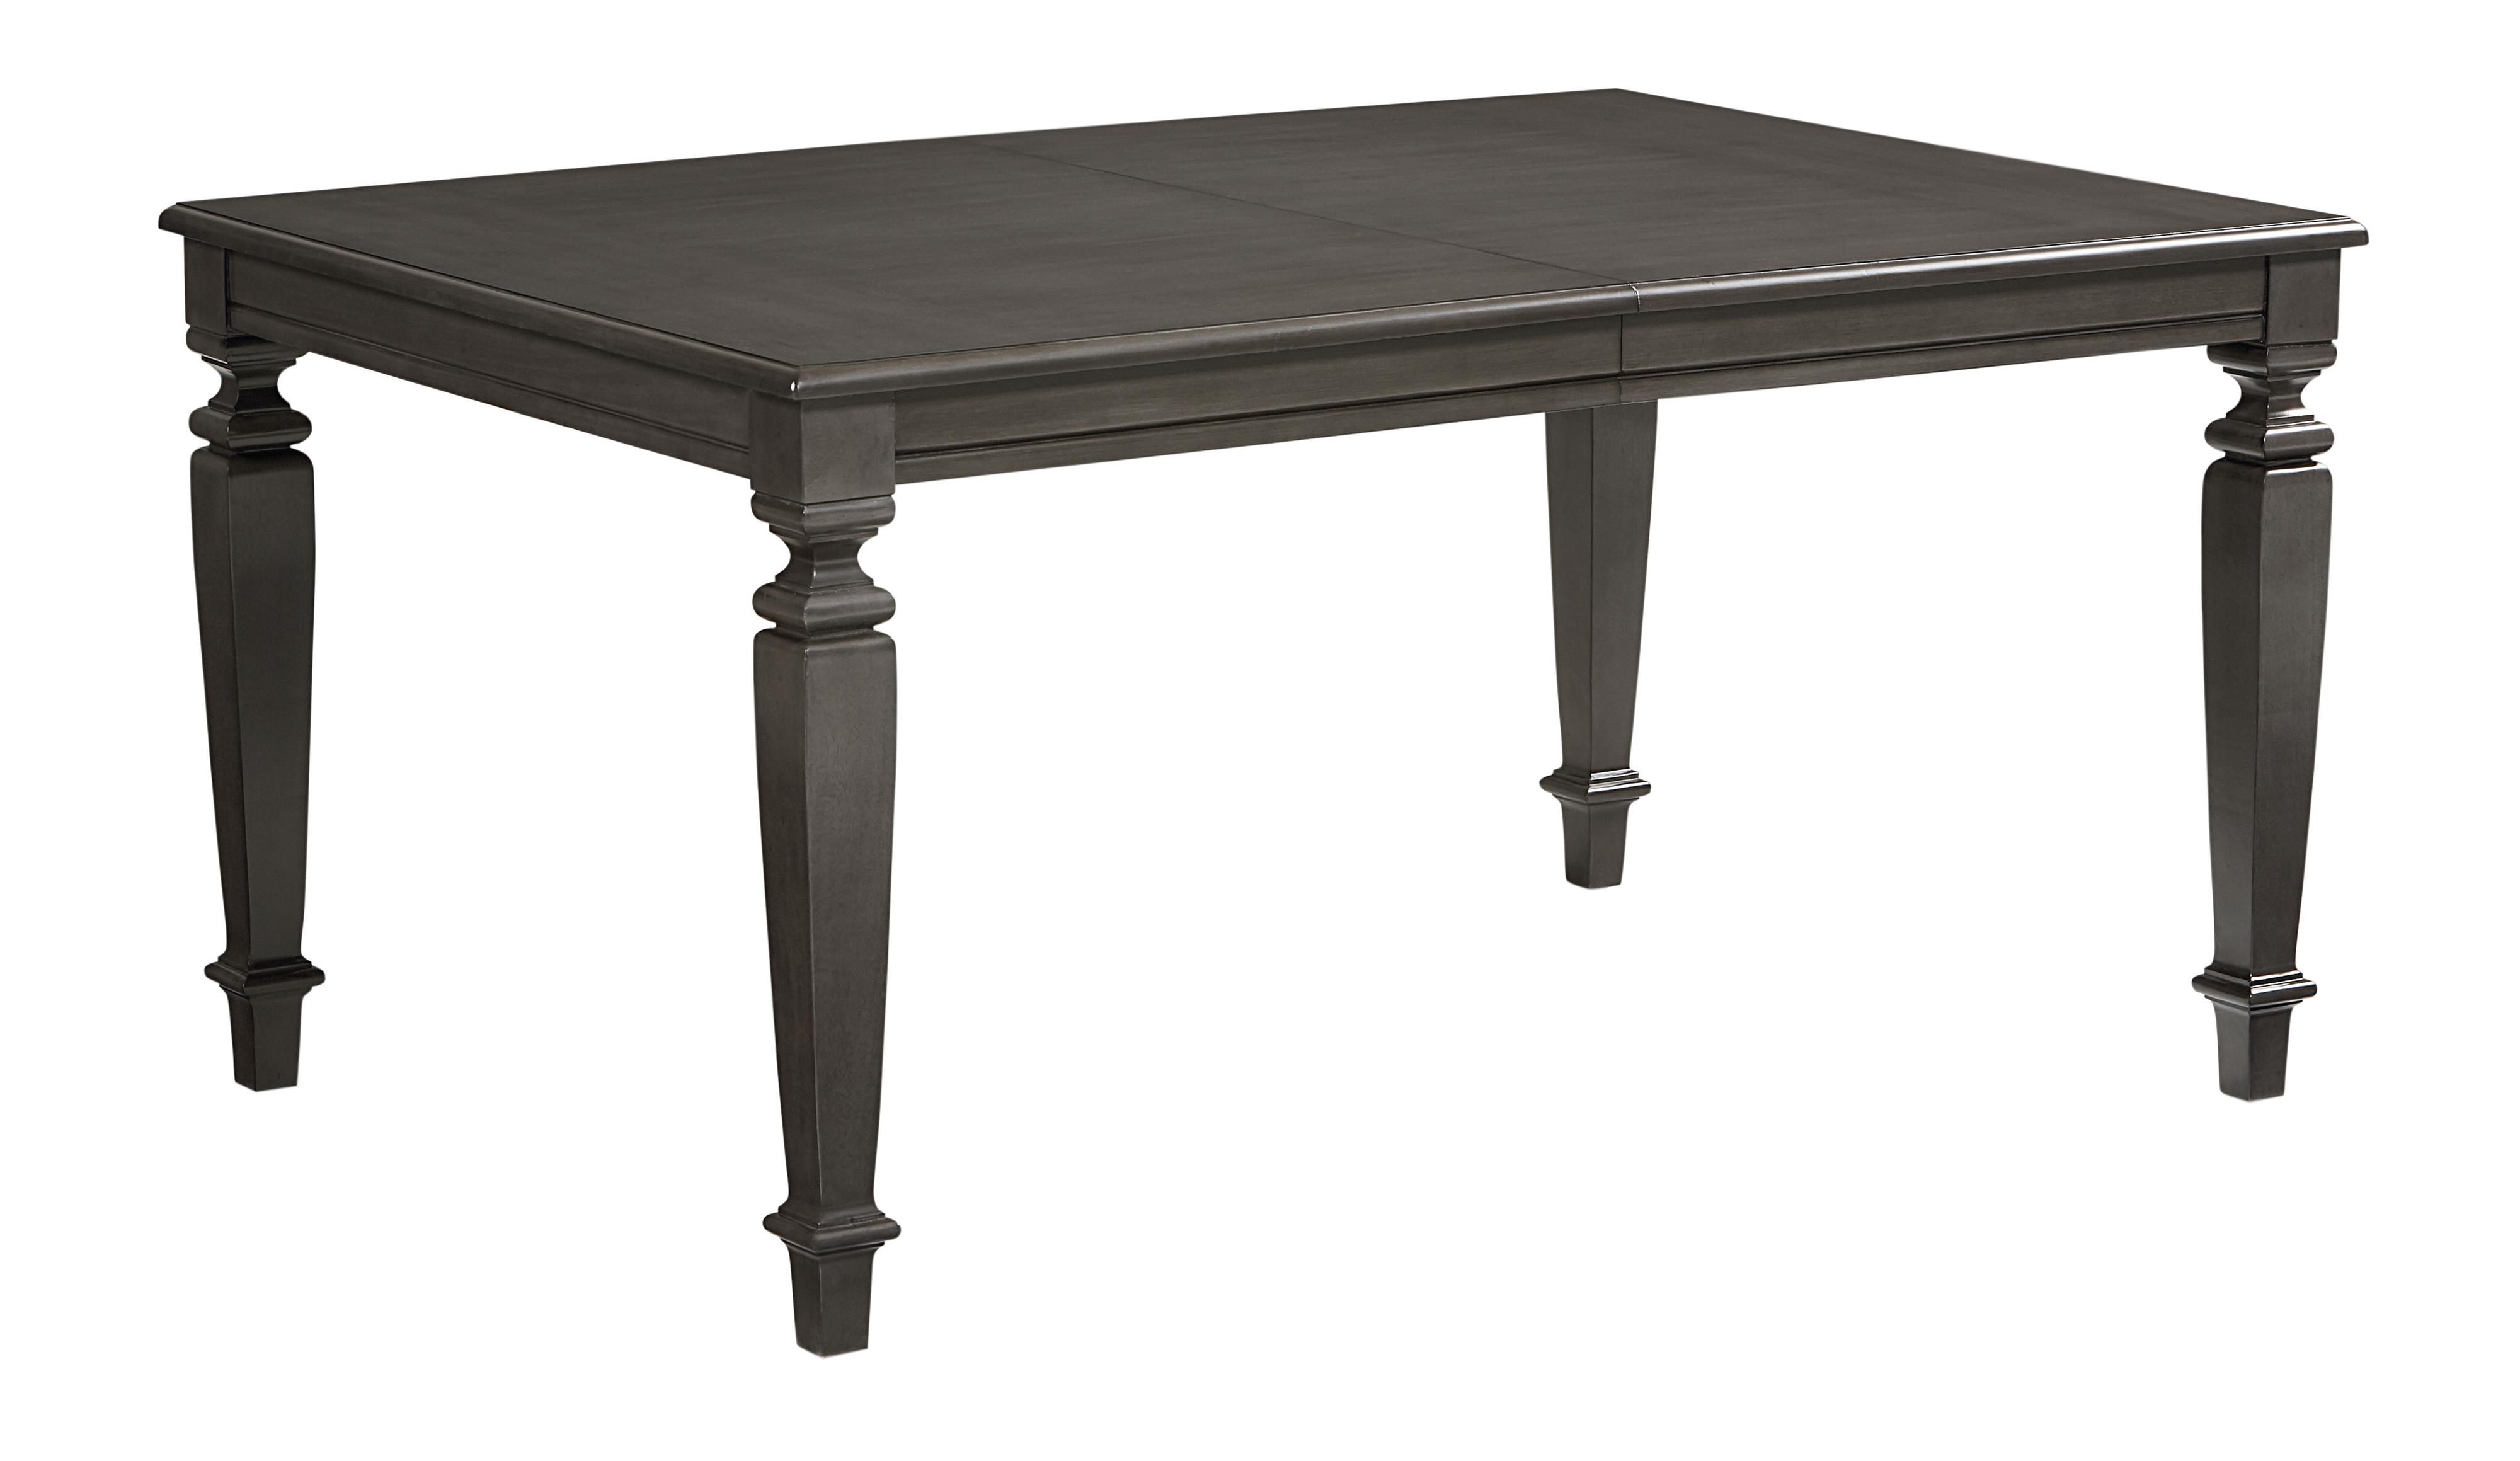 Standard Furniture Garrison Dining Table - Item Number: 14901